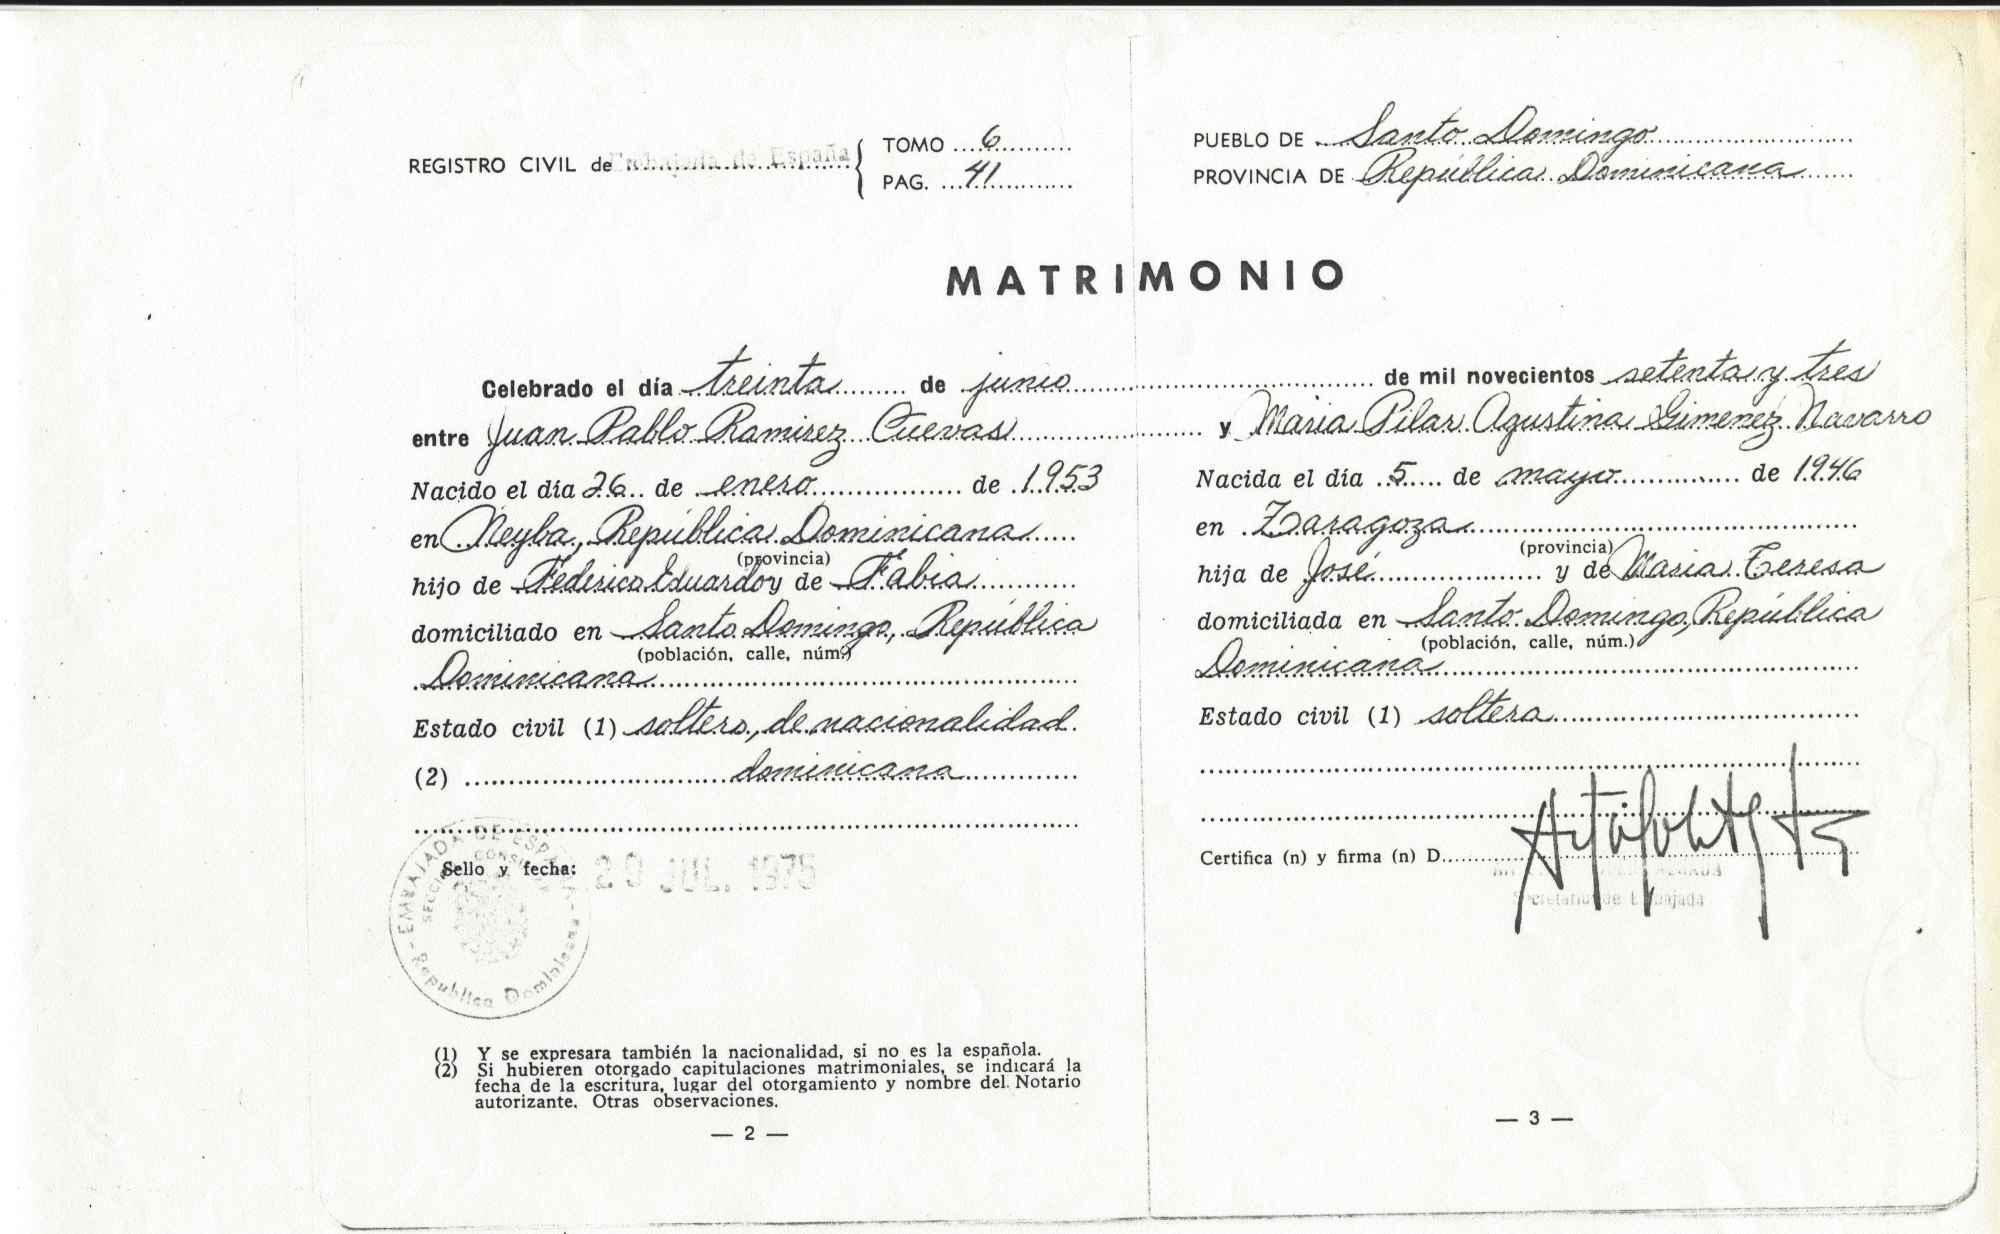 Matrimonio Catolico Registro Civil : Matrimonio catolico registro civil de